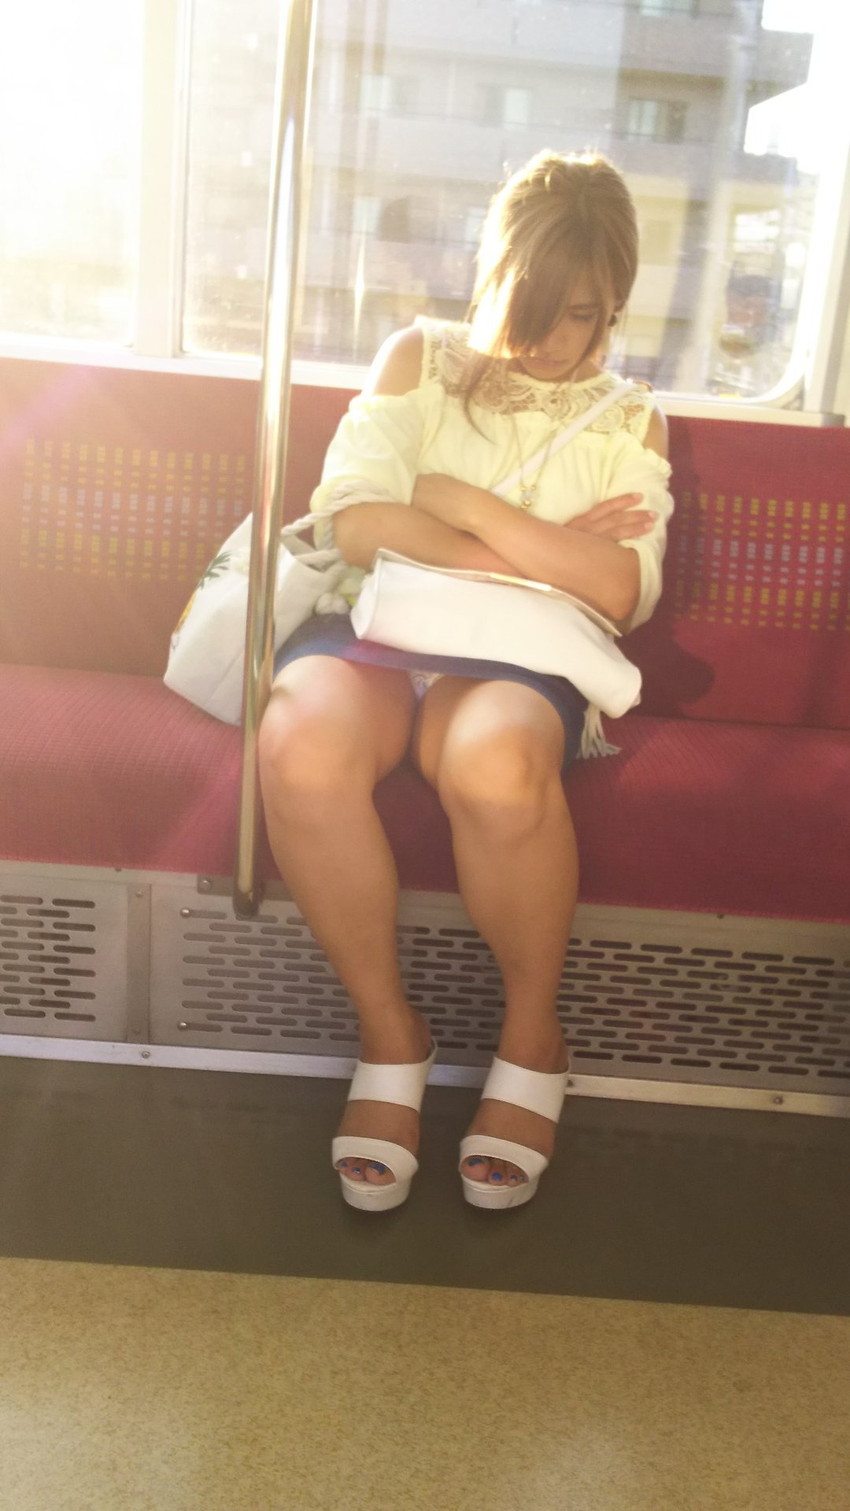 【電車内盗撮エロ画像】電車内でパンチラしている女子見つけたから撮ったったw 48